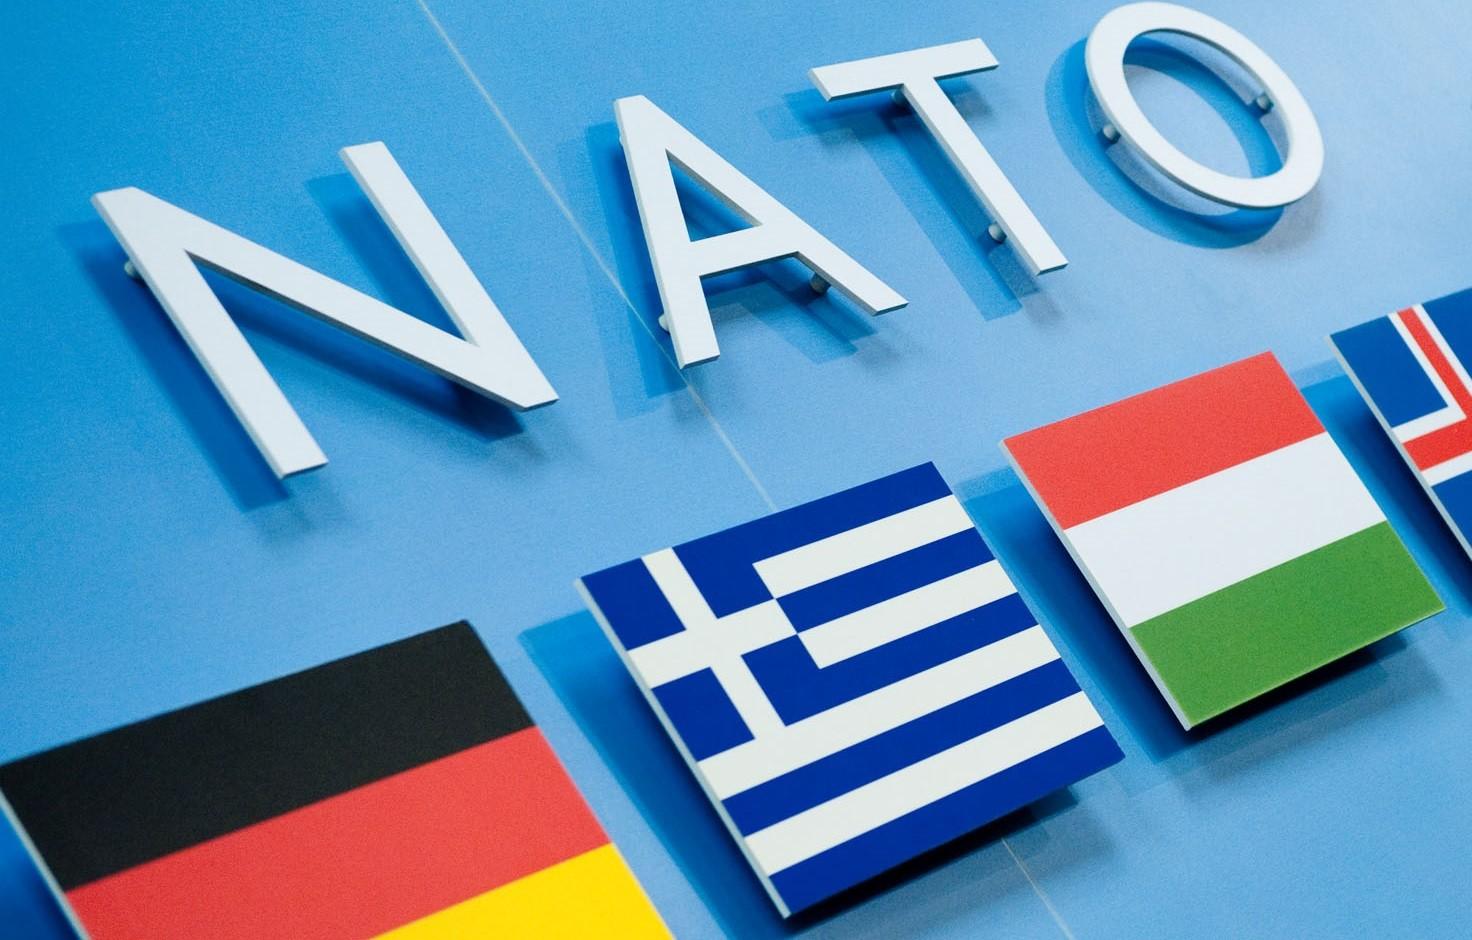 Генеральный секретарь НАТО выступил заполитический разговор составшей «более самоуверенной» Россией